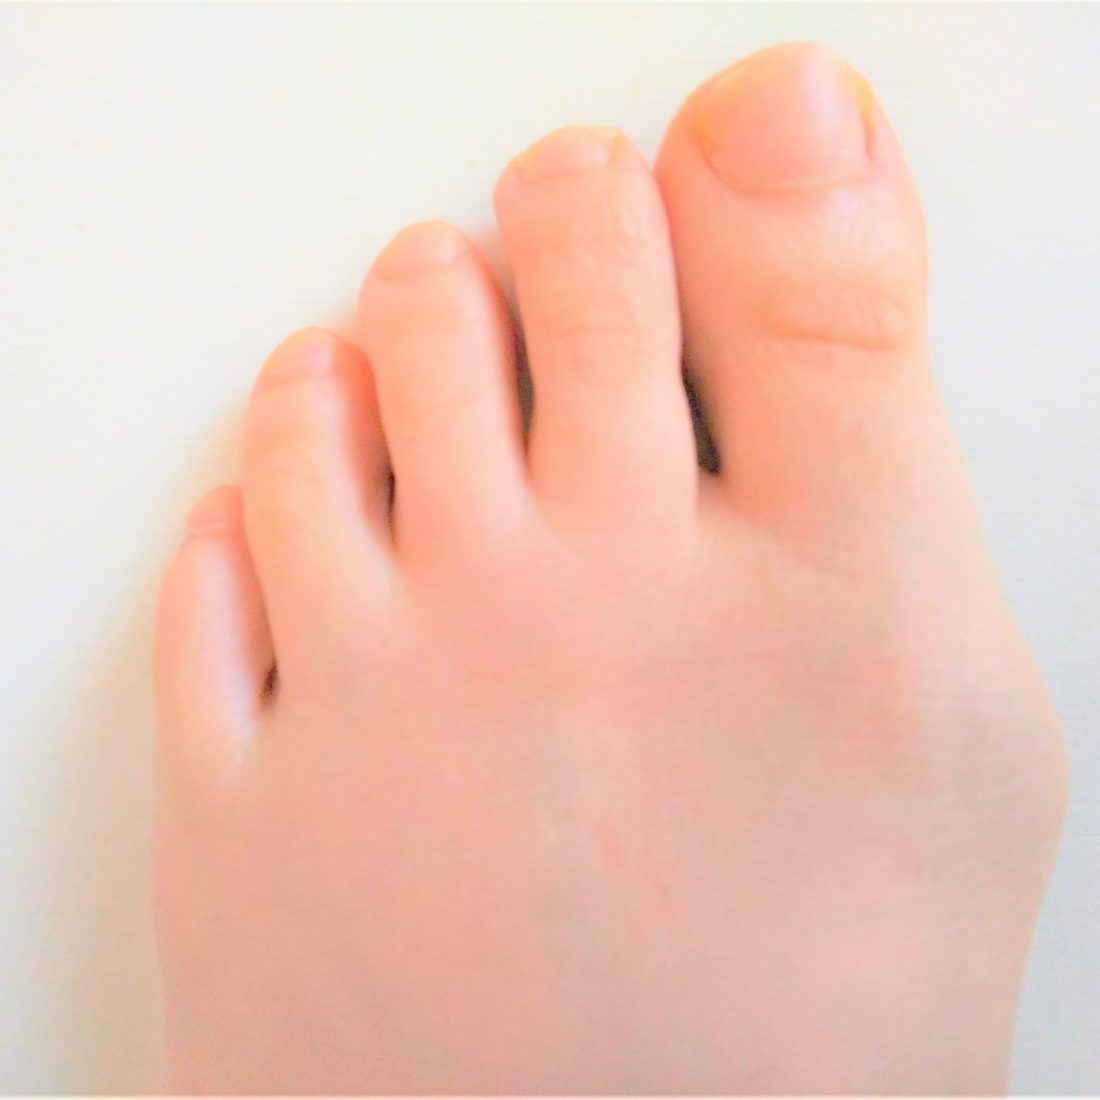 足 の 指 付け根 痛い